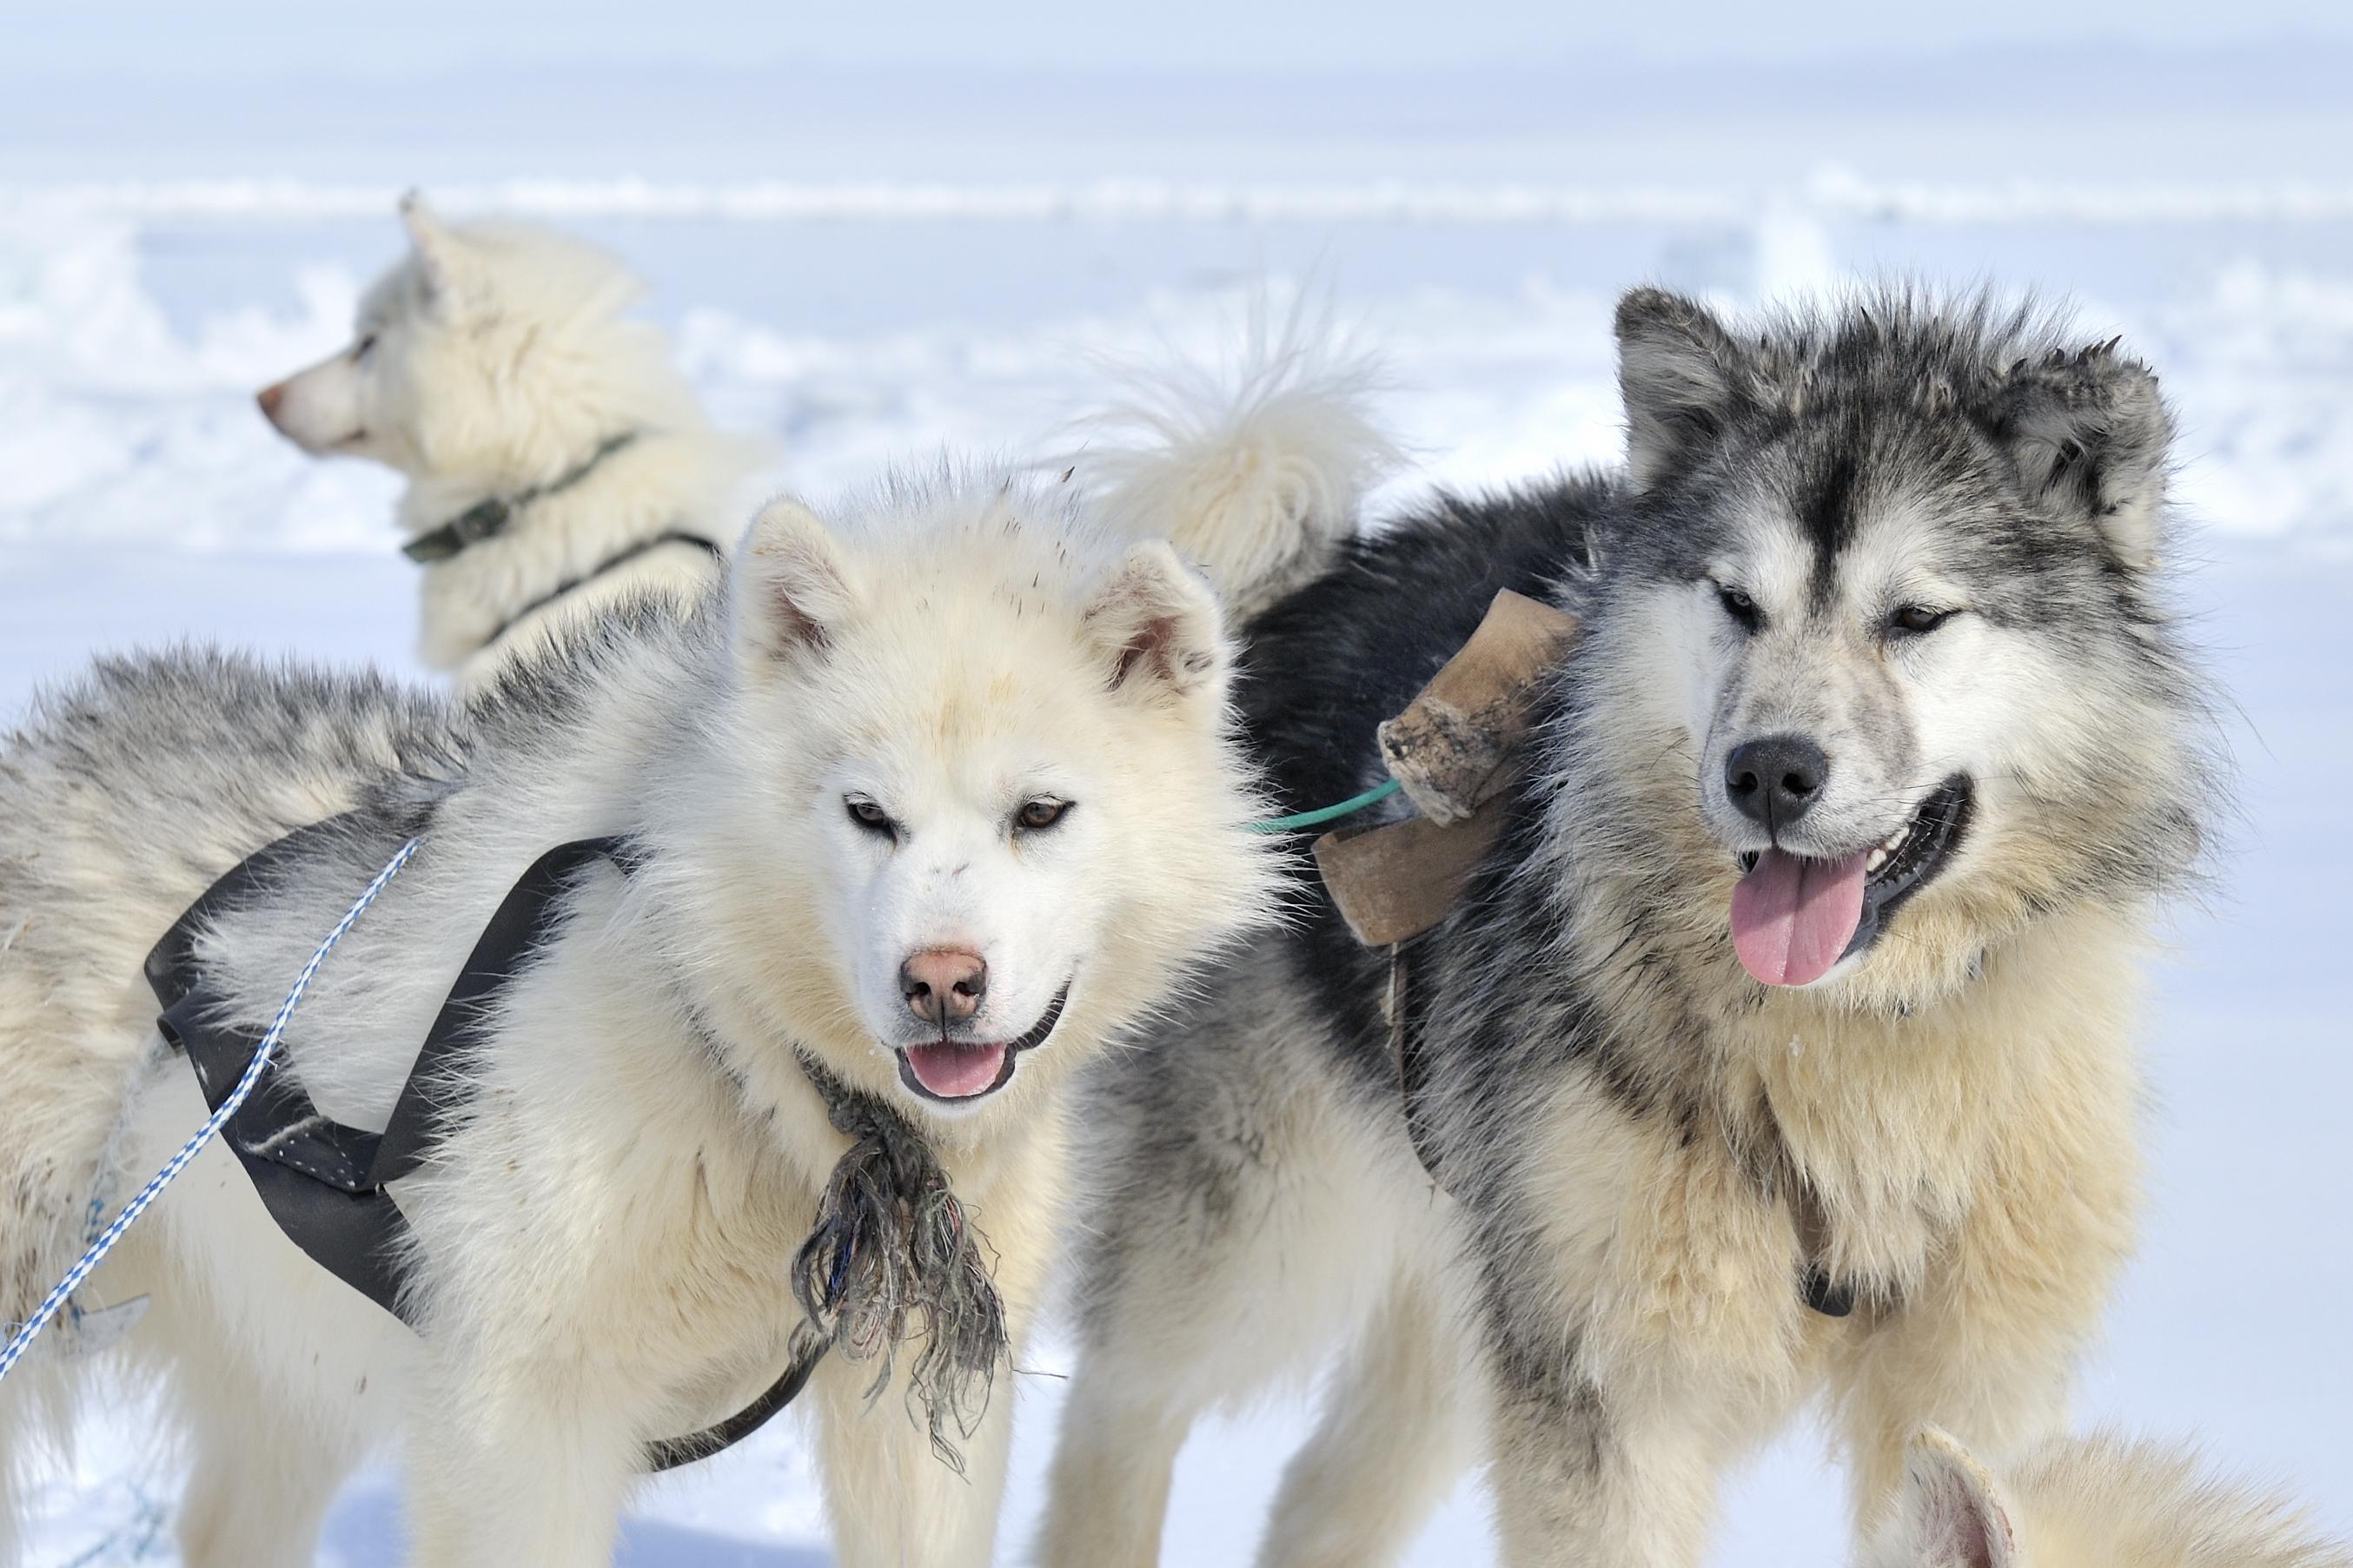 Husky sled dog in snow